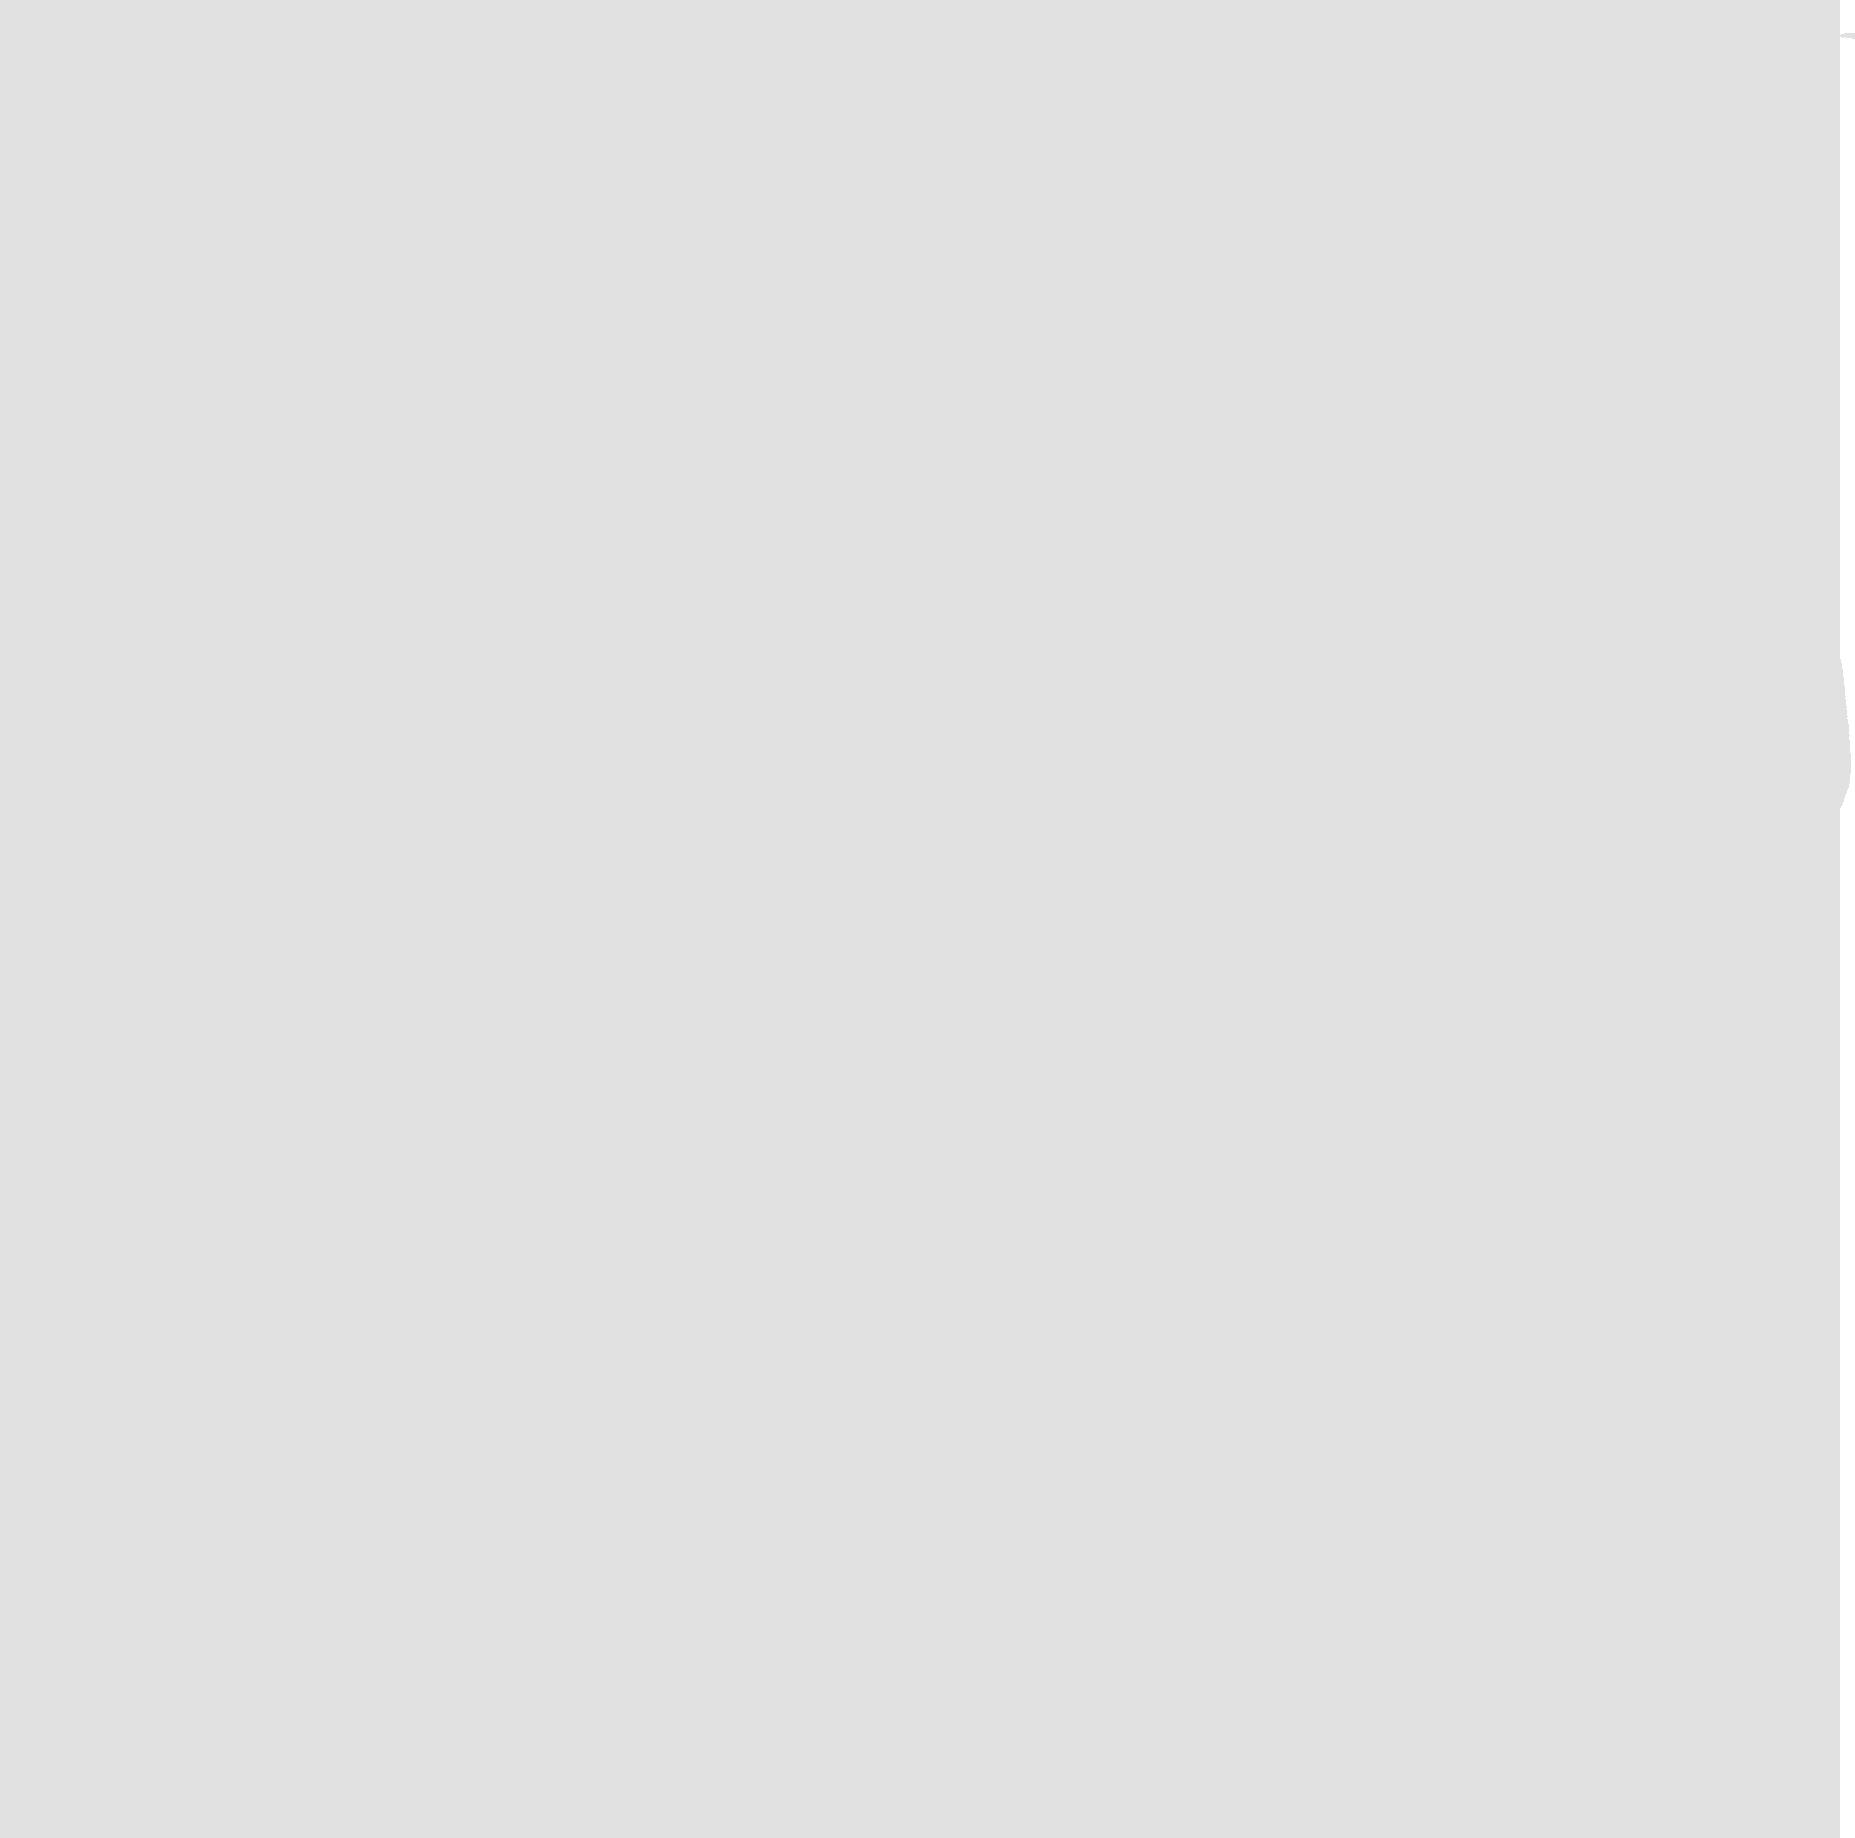 E4S_5_th-logo